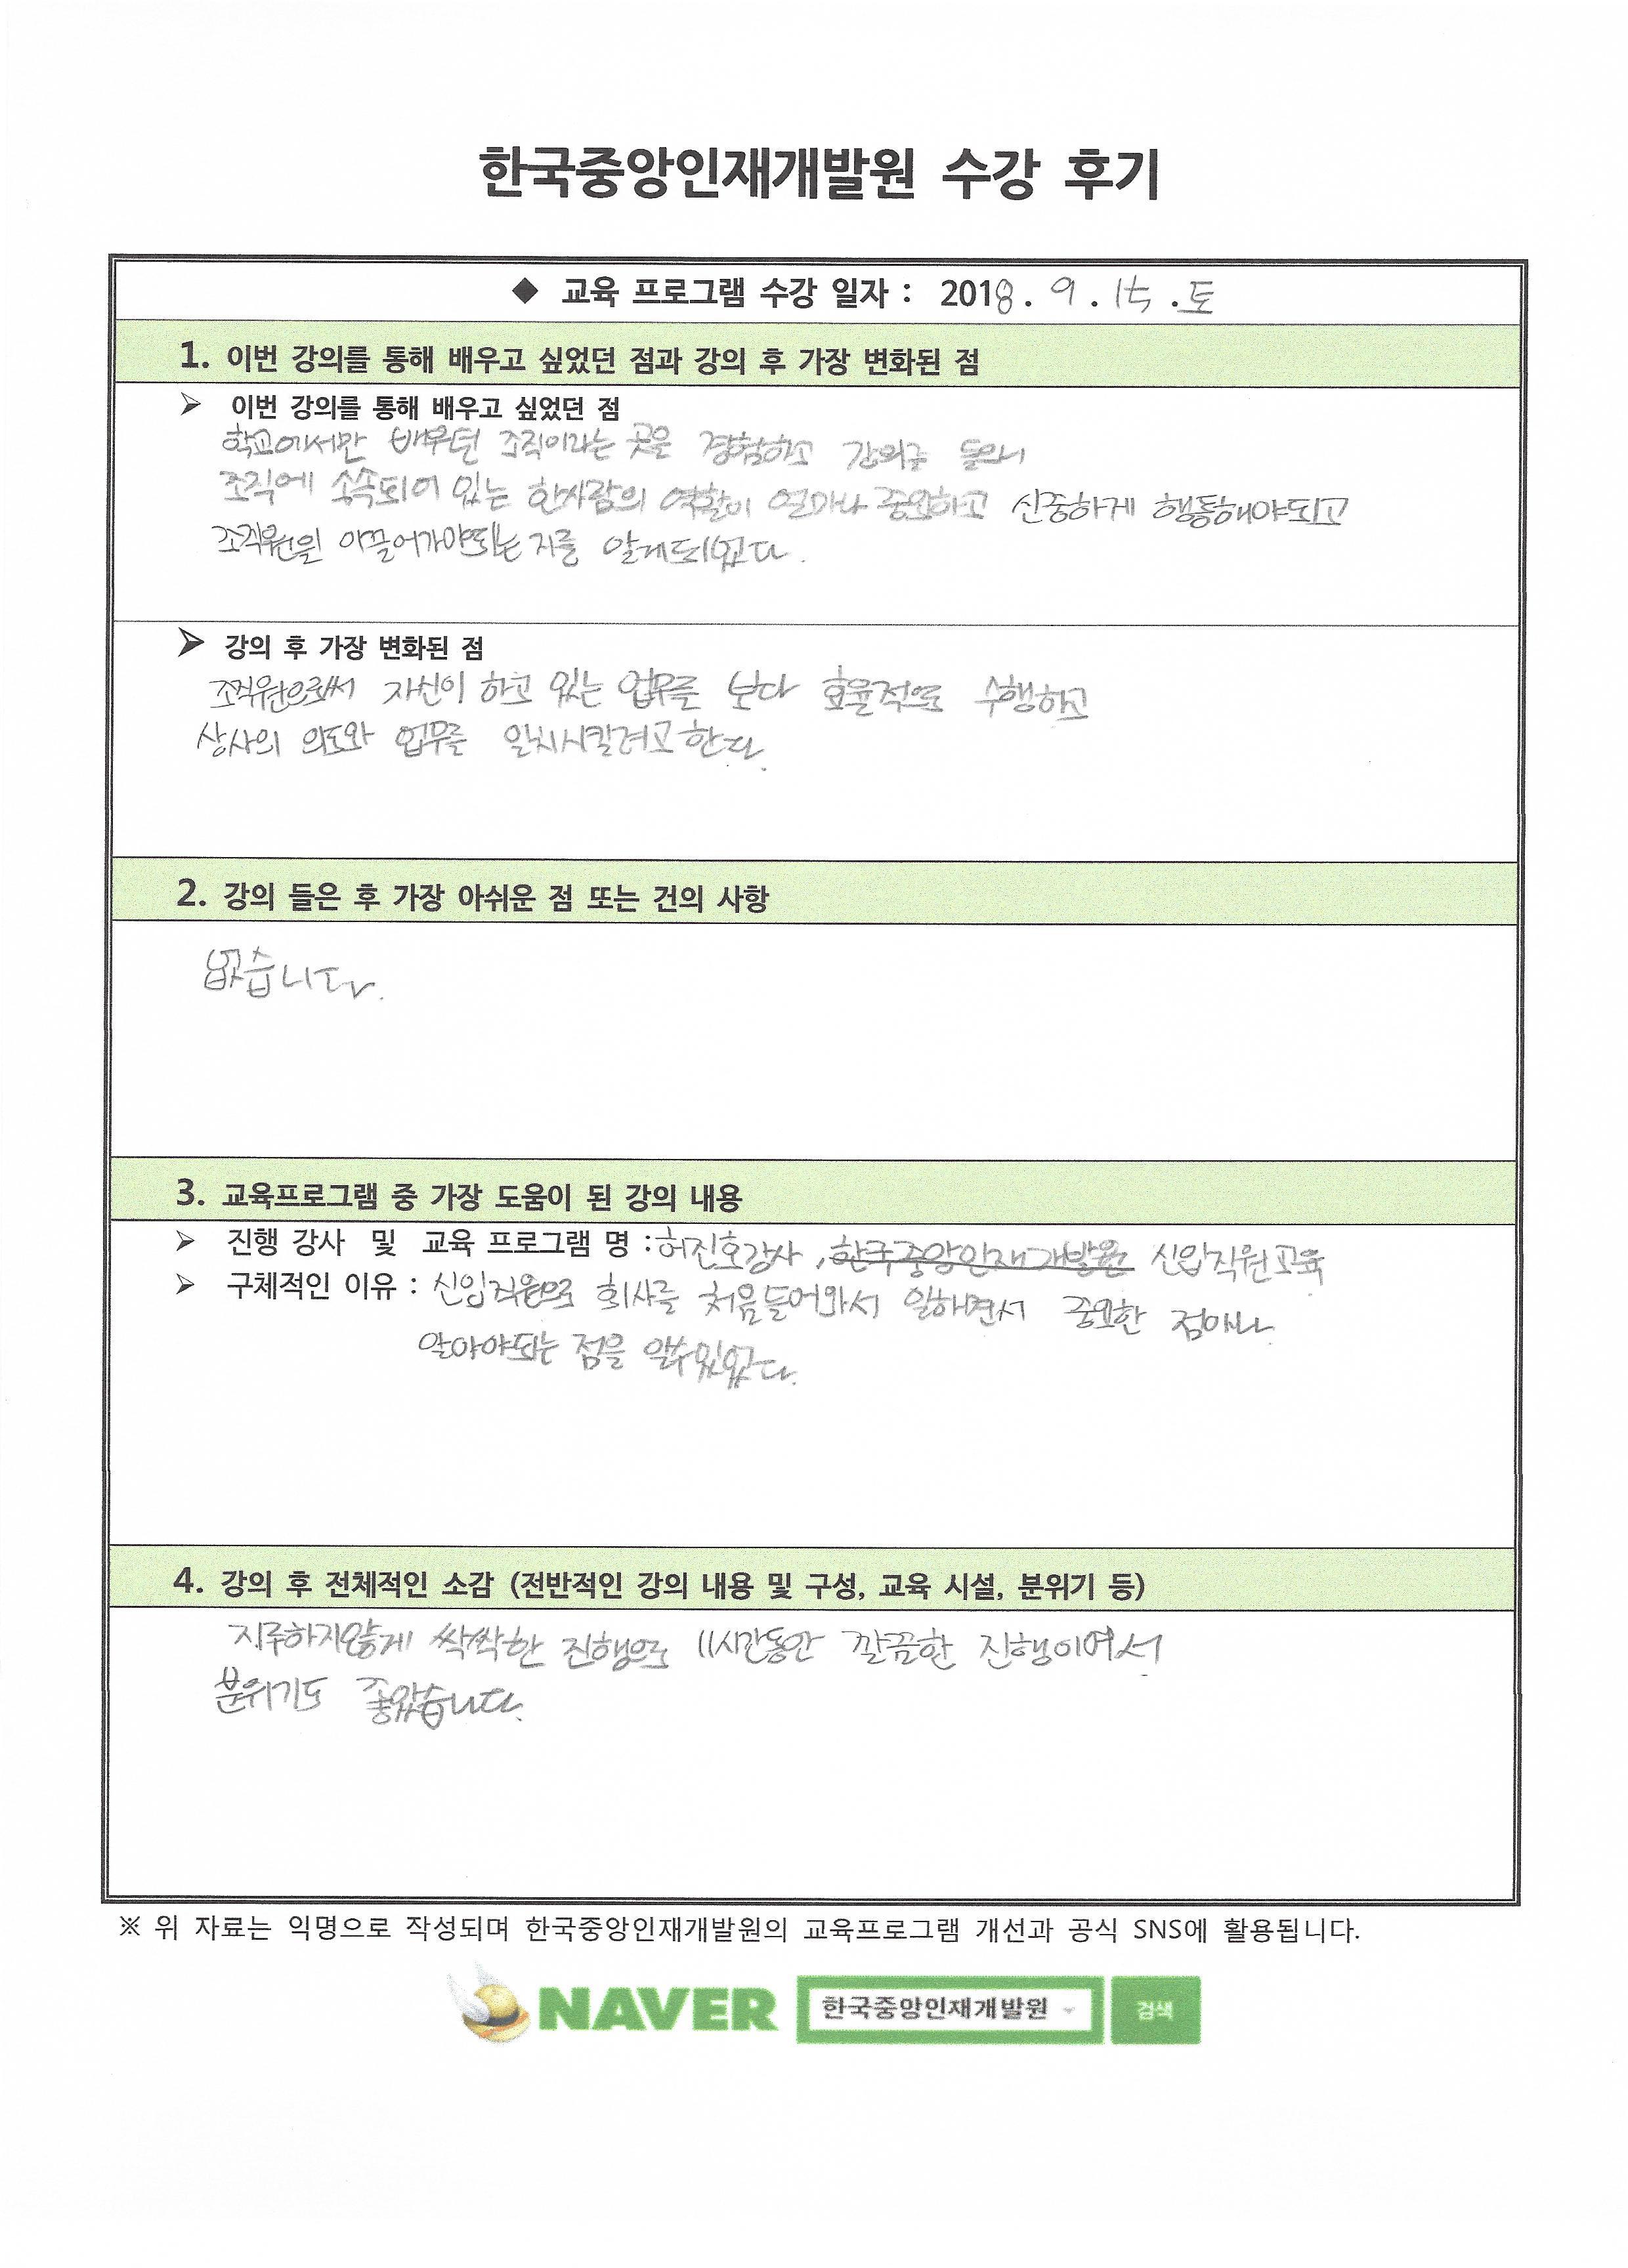 풍림푸드 후기-2 사본.JPG